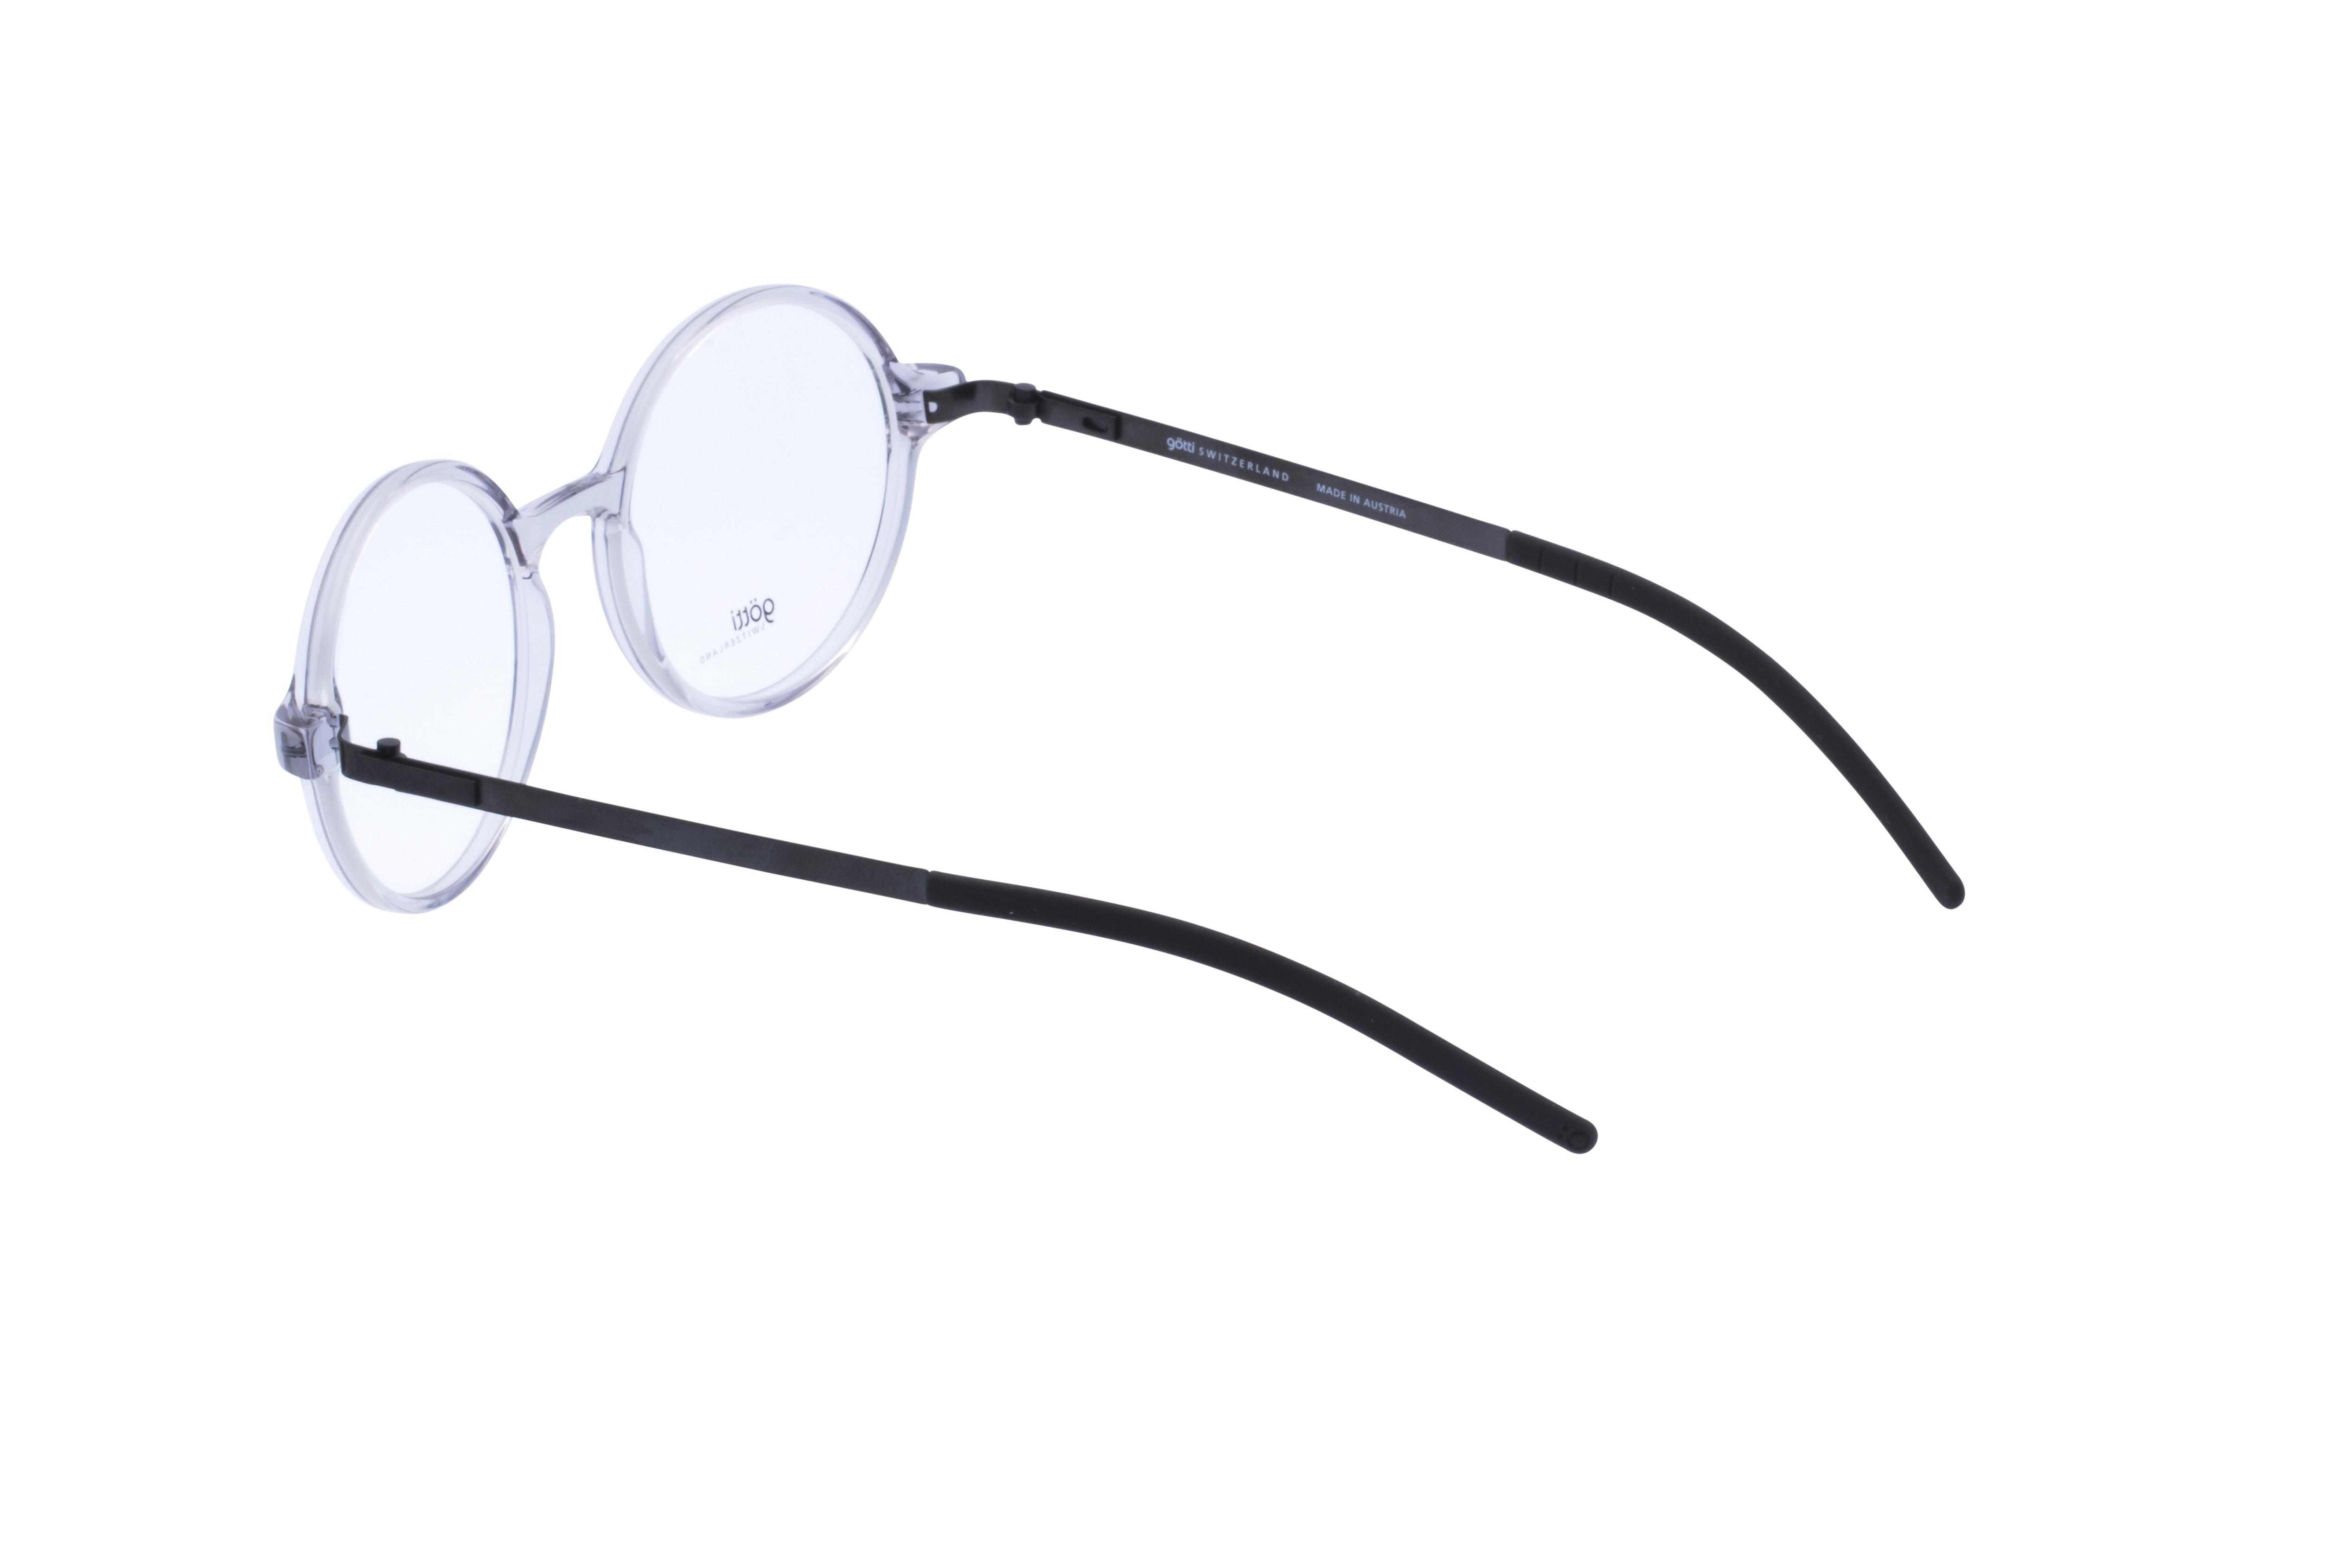 360 Grad Ansicht 16 Götti Sedrin, Brille auf Weiß - Fassung bei KUNK